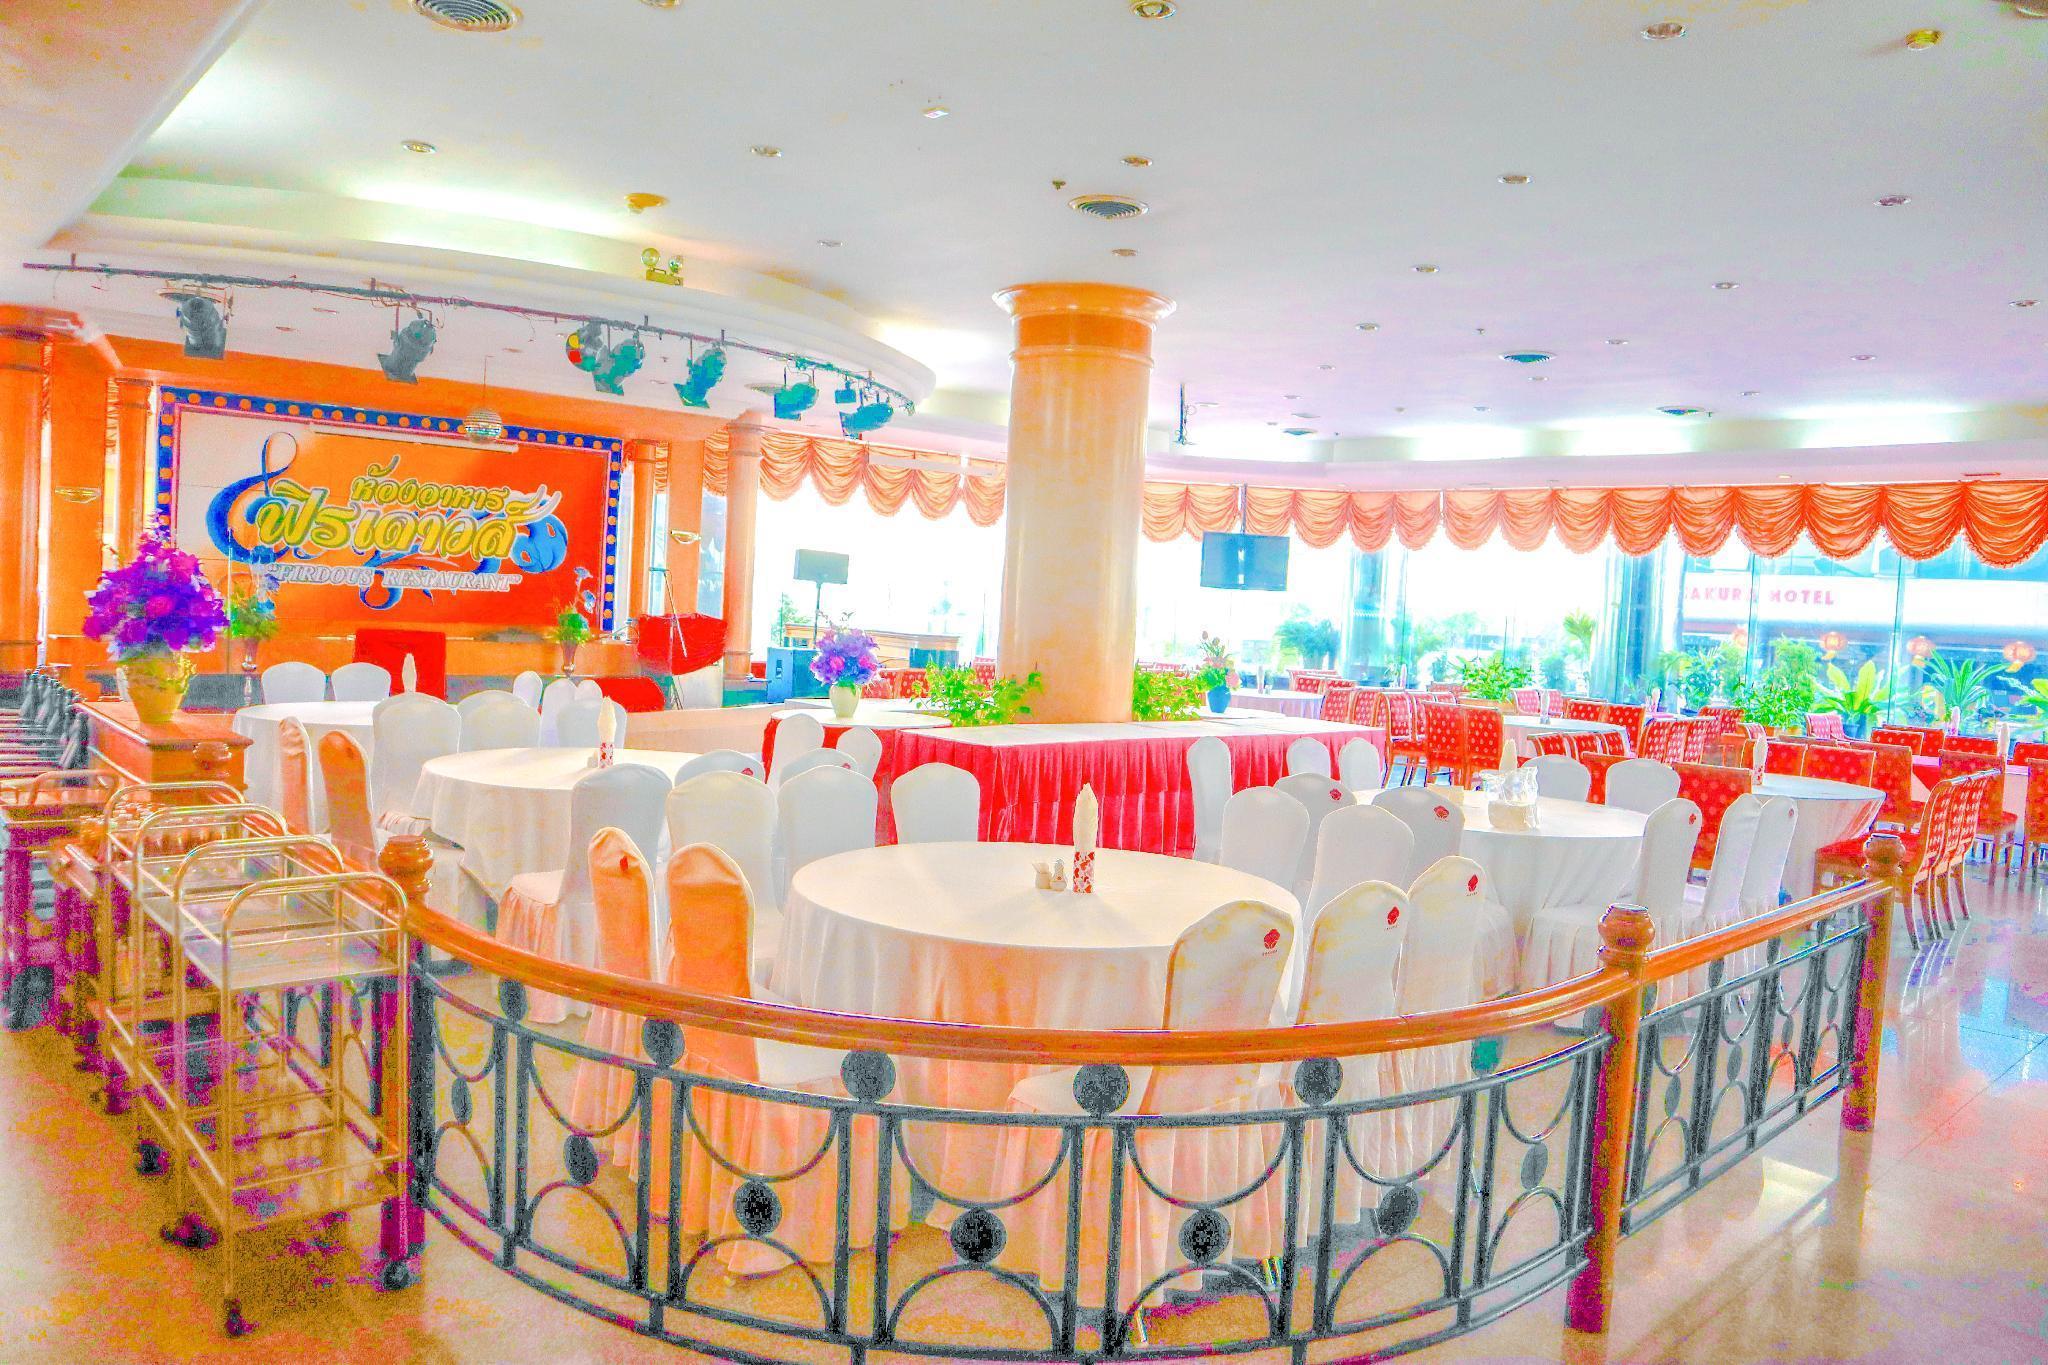 Yannaty Hotel Halal ญันนะตีย์ โฮเต็ล ฮาลาล